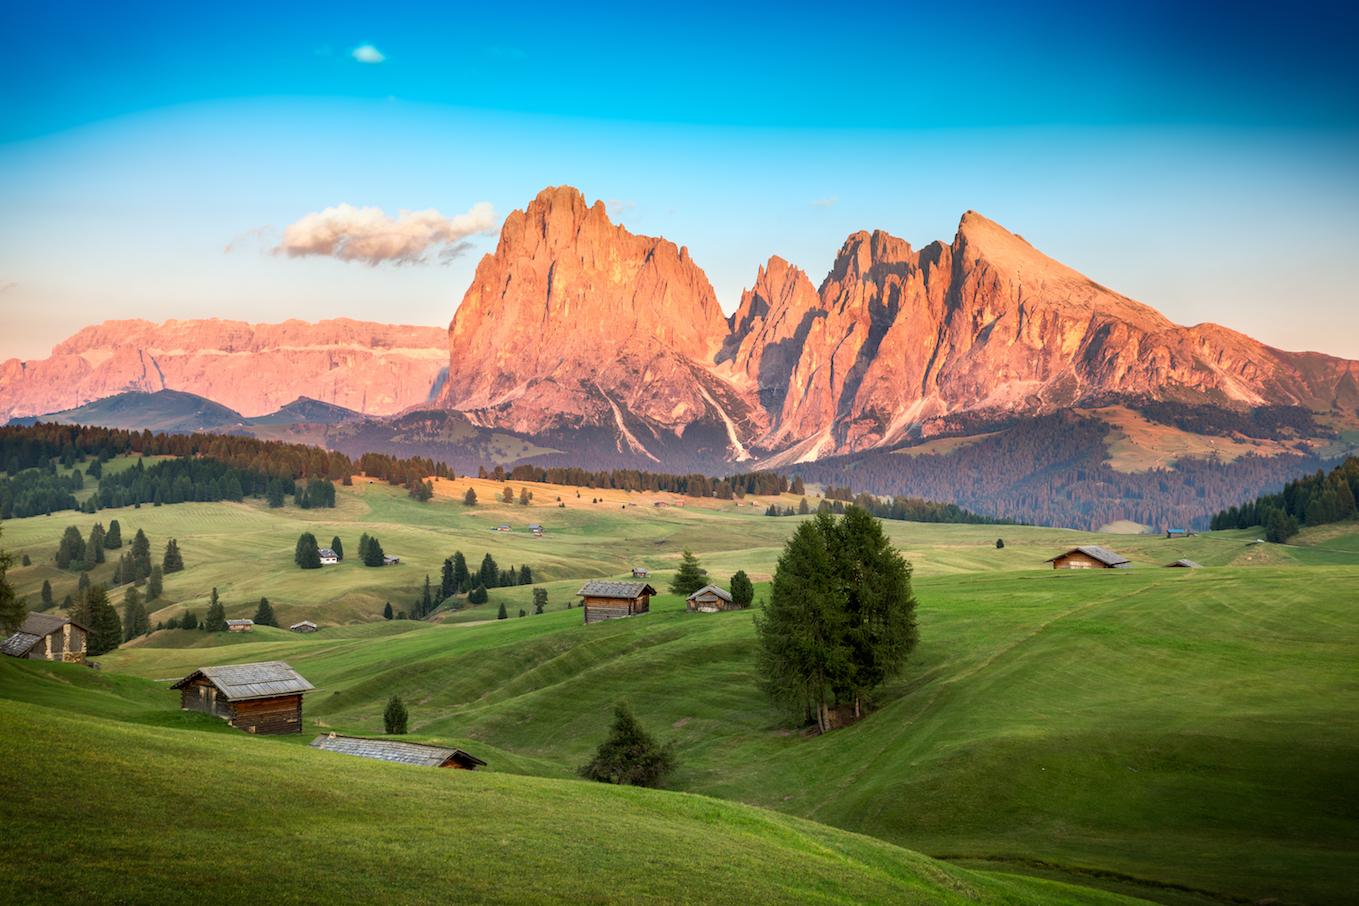 Alto adige il territorio pi ricco d 39 italia staccati for Arredamento trentino alto adige